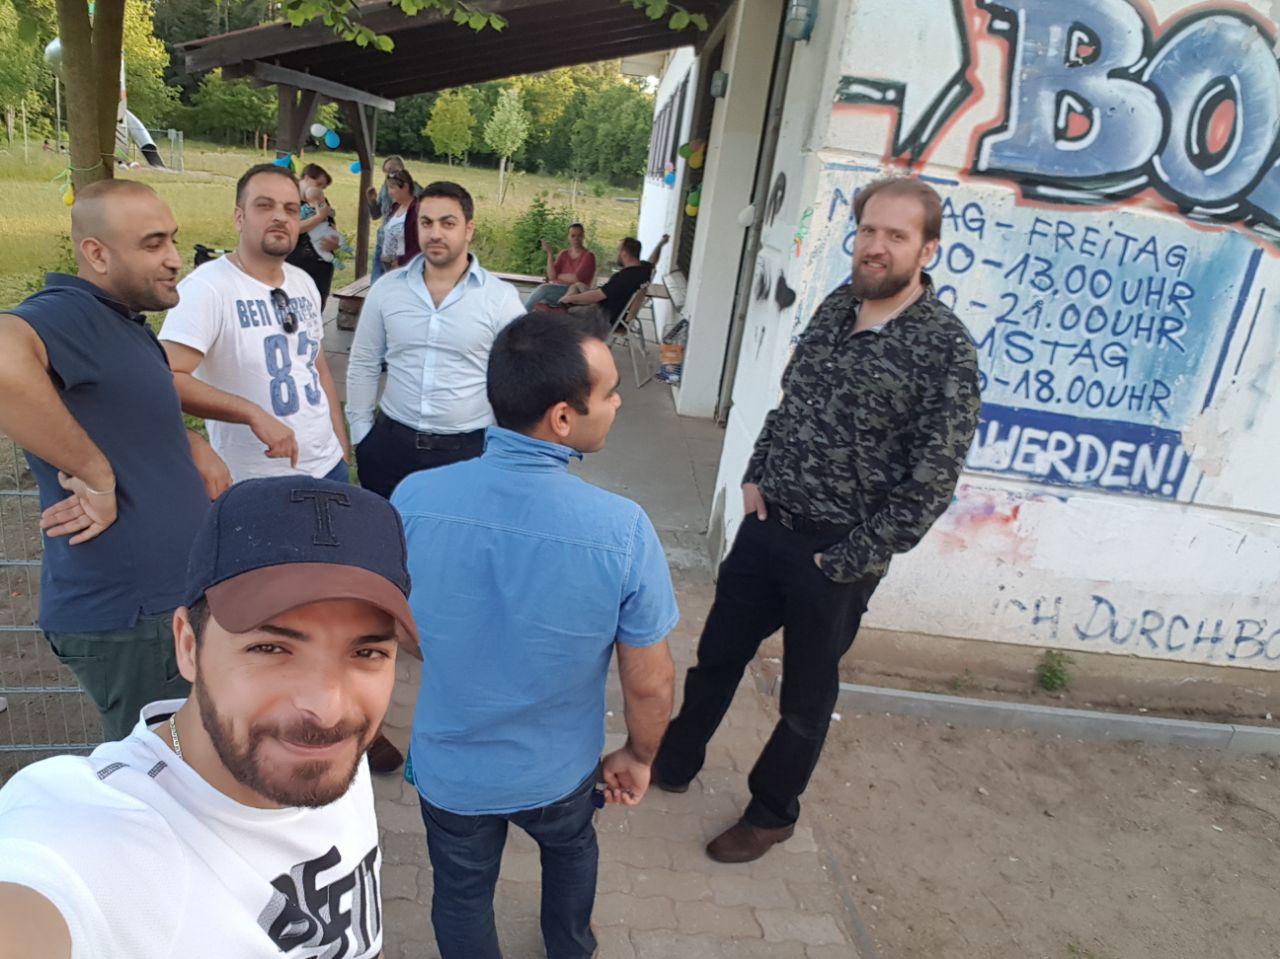 syrischeszentrum00147